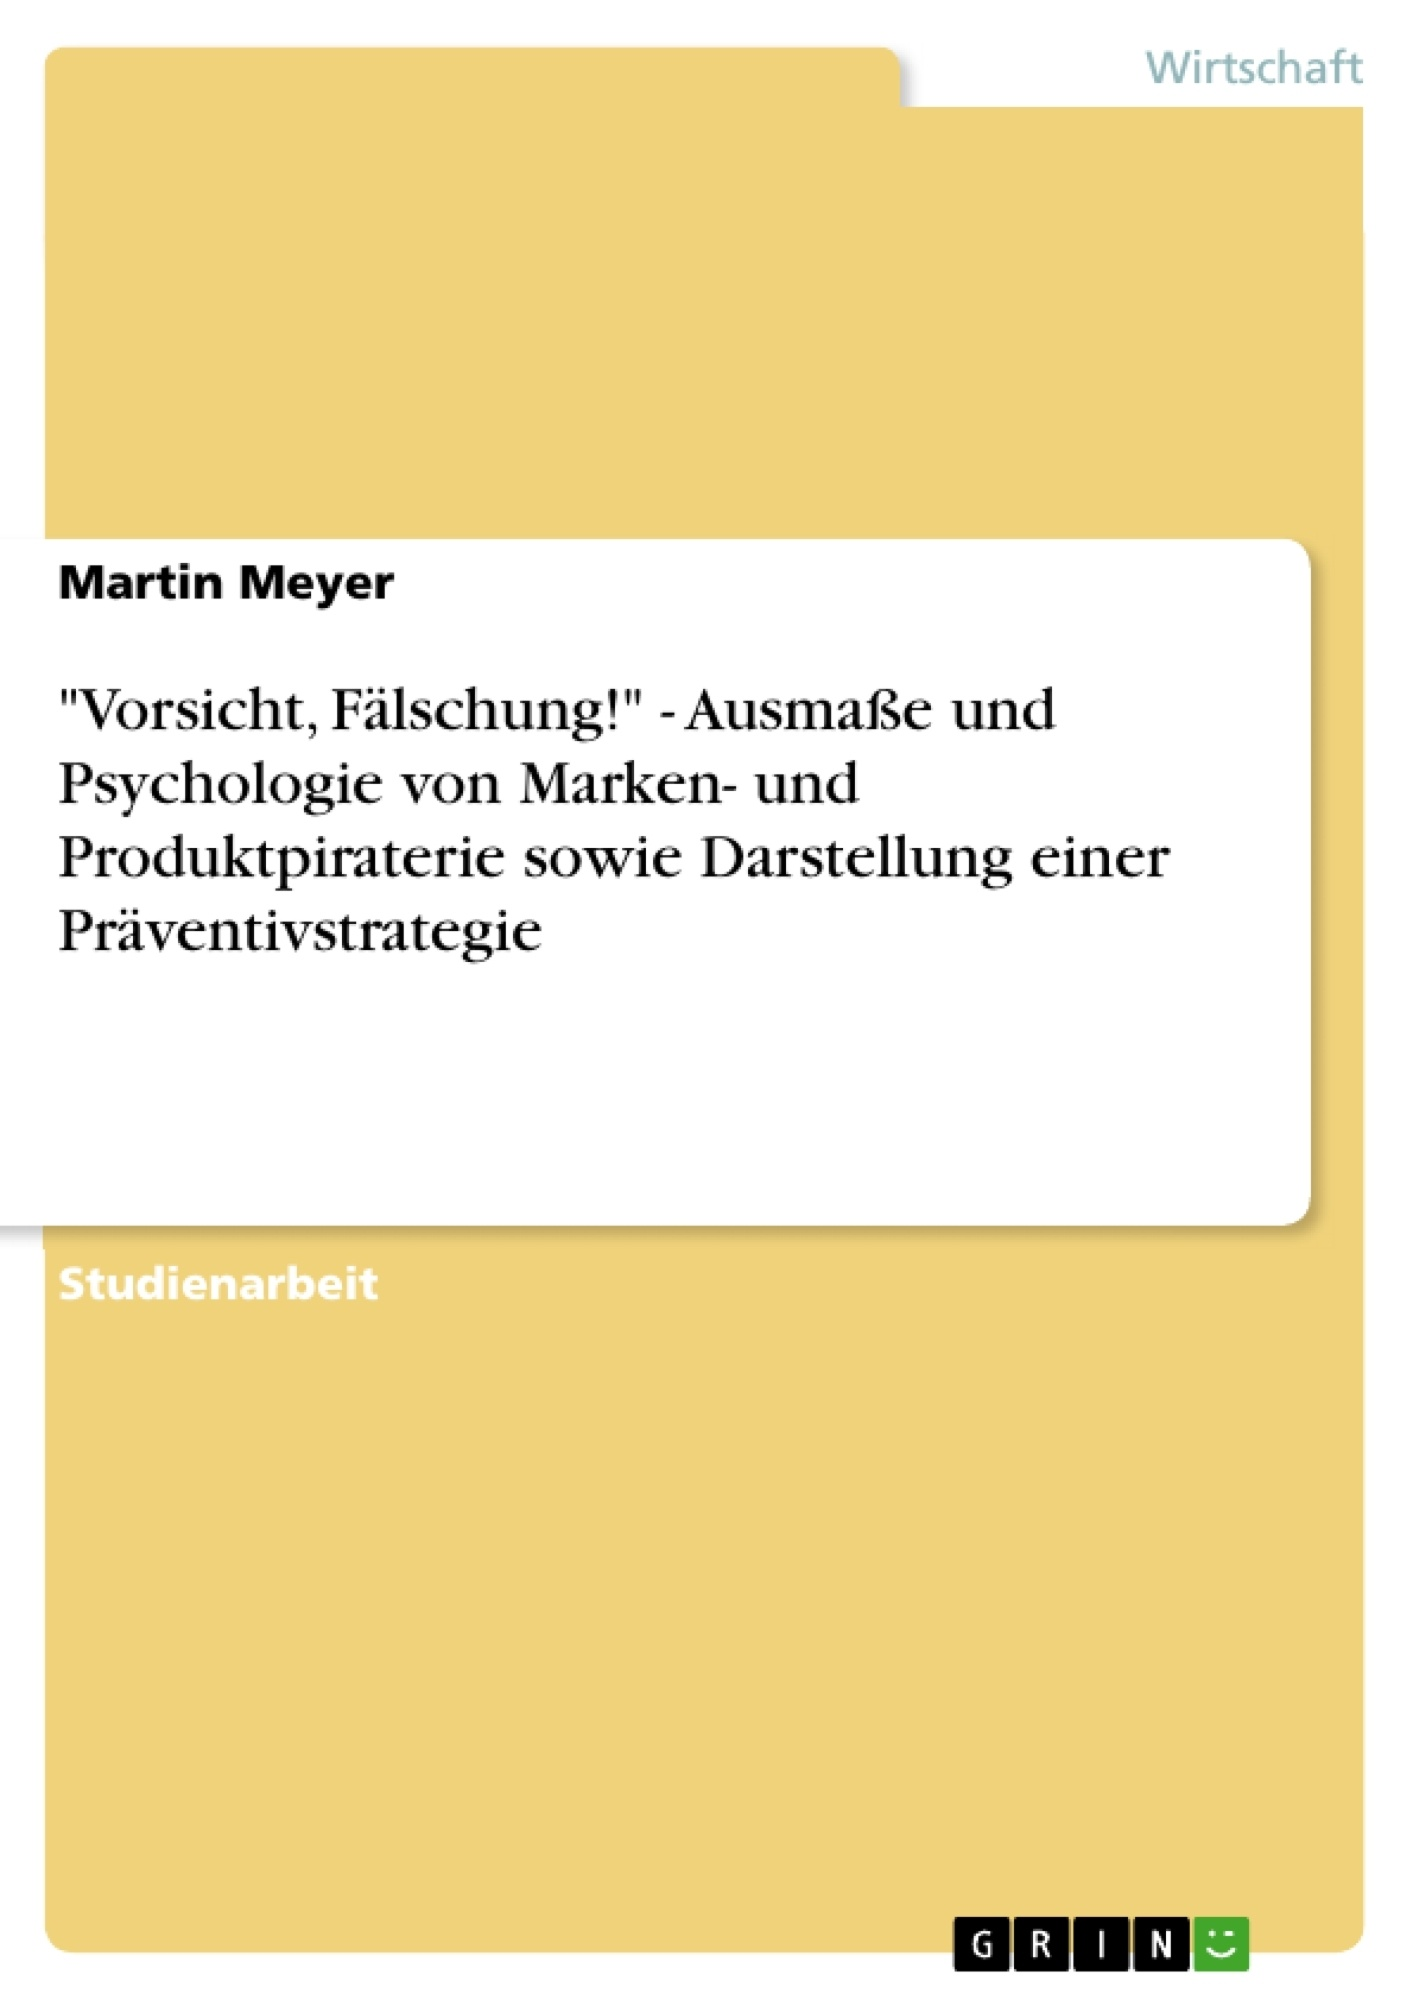 """Titel: """"Vorsicht, Fälschung!"""" -  Ausmaße und Psychologie von Marken- und Produktpiraterie sowie Darstellung einer Präventivstrategie"""